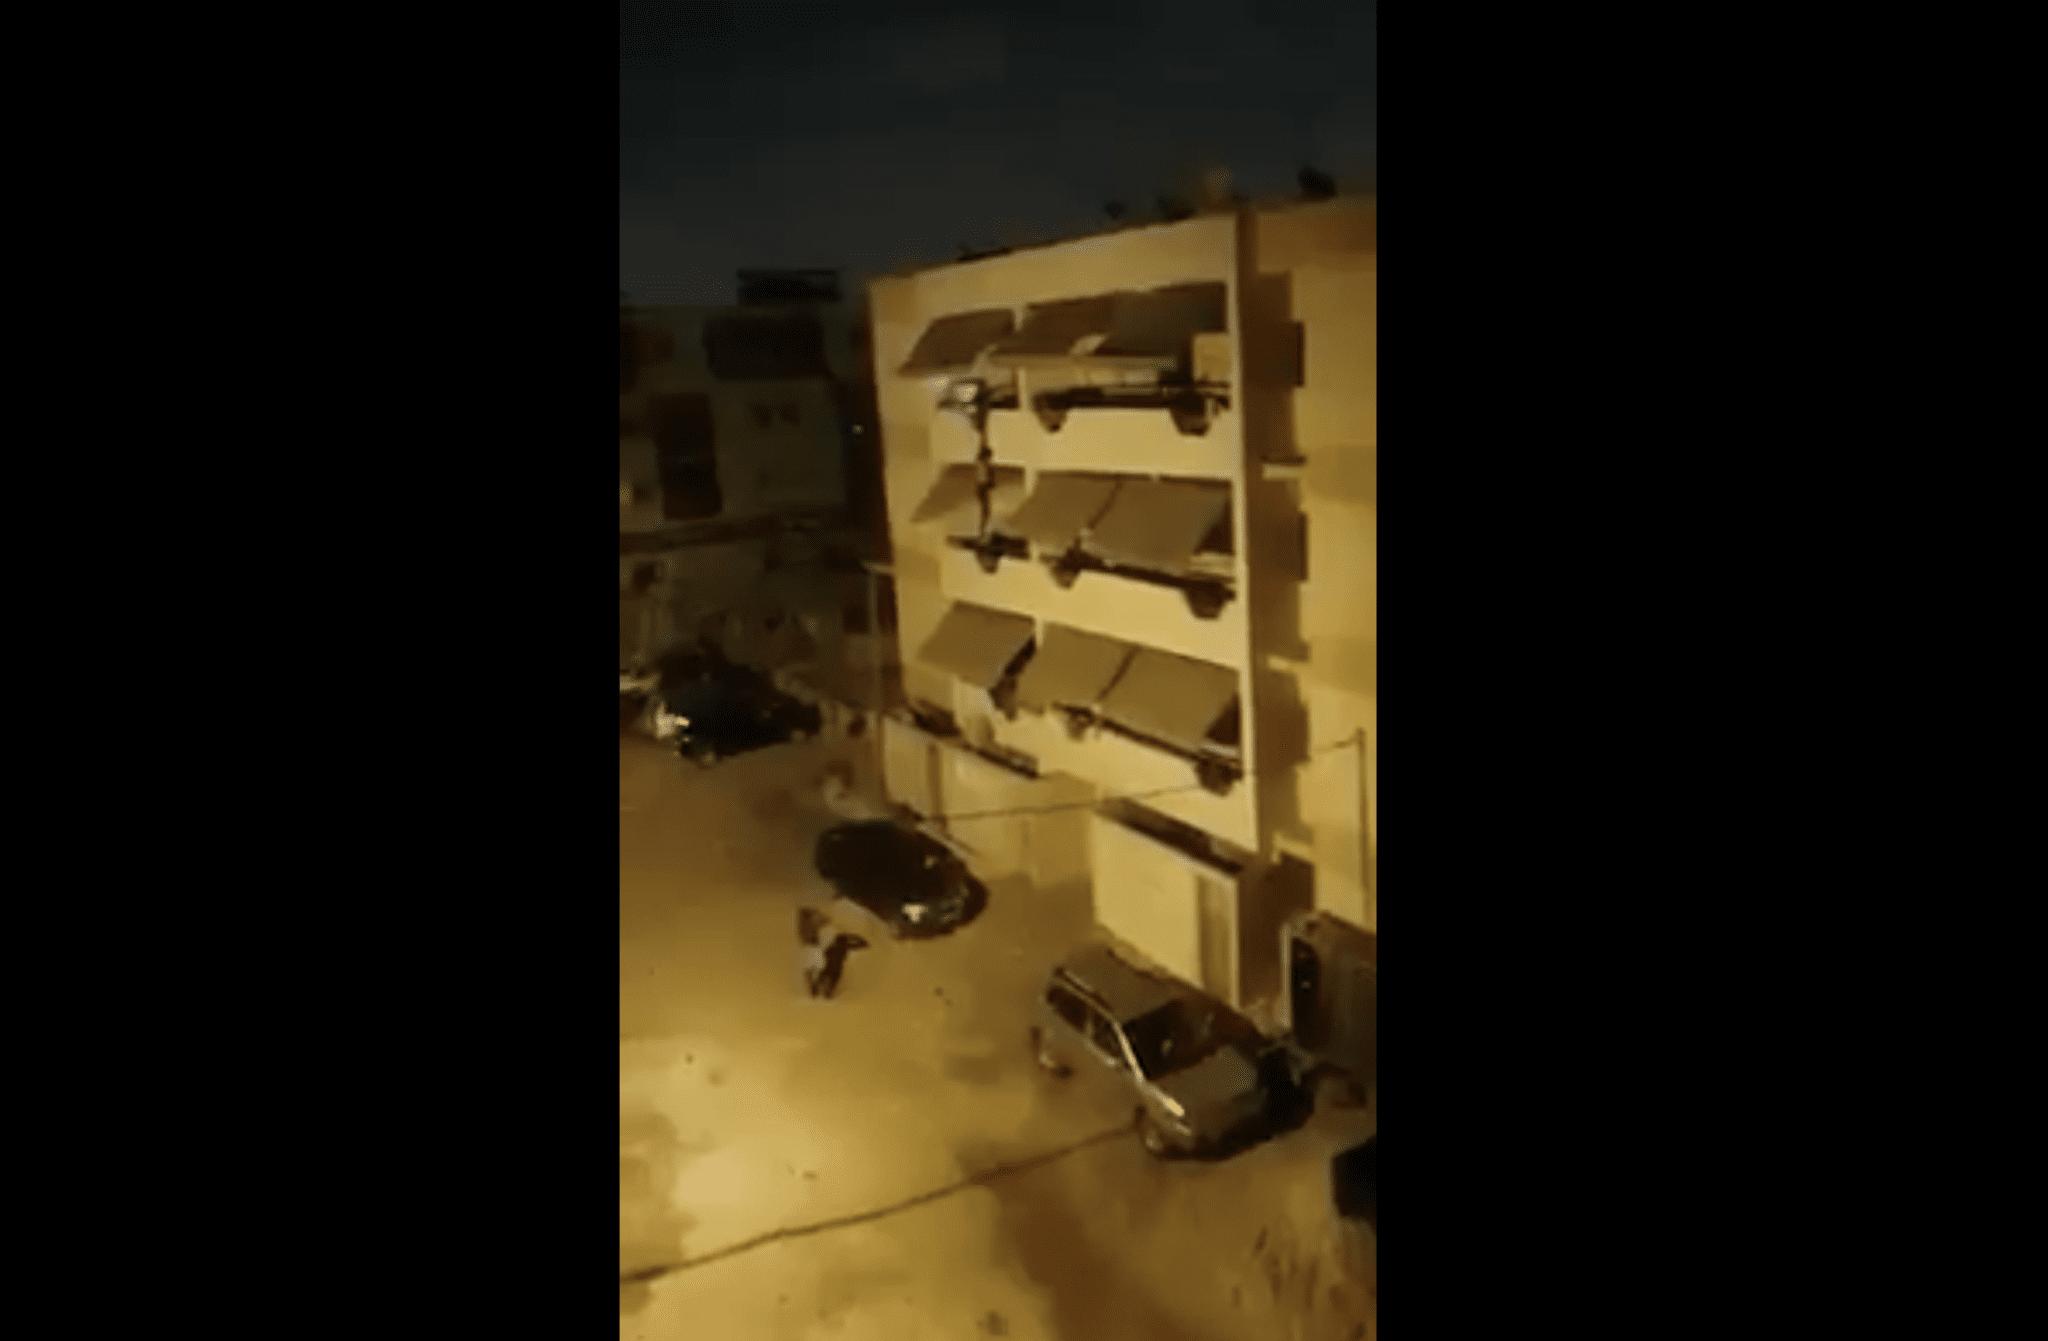 Côte d'Ivoire : La vidéo d'une scène de violence conjugale extrême provoque l'indignation